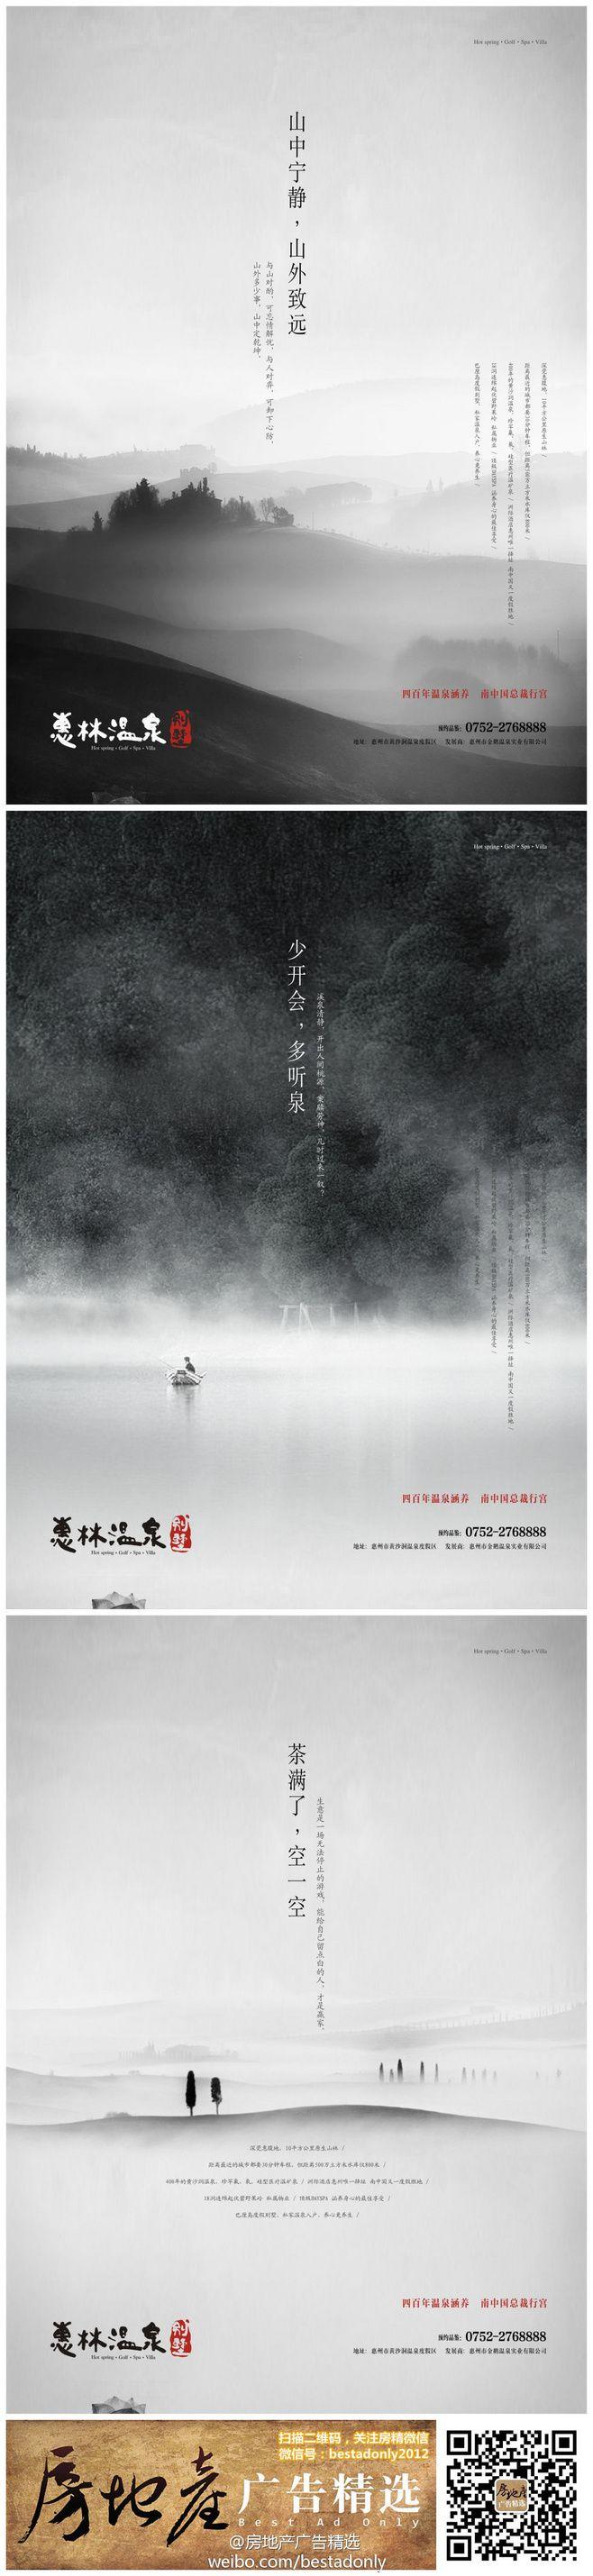 惠林温泉 #地产广告#